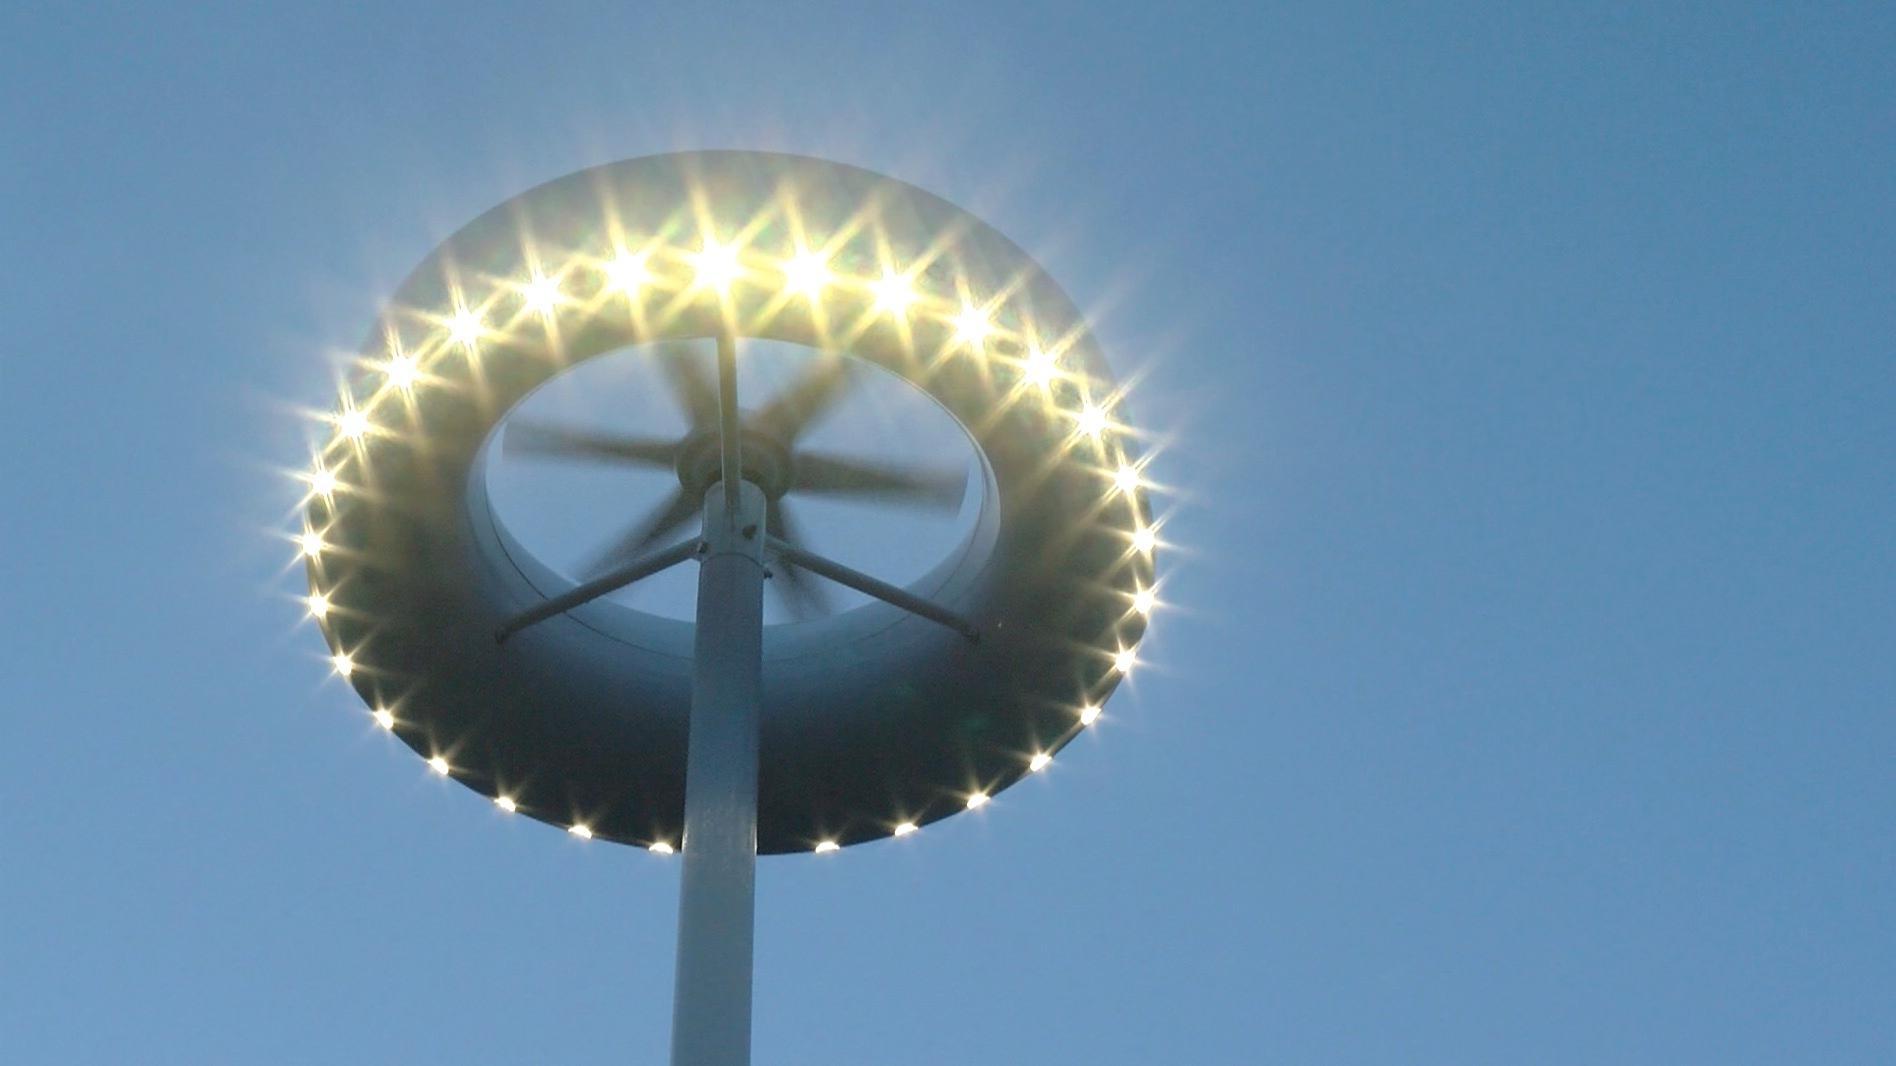 Inauguration de l'éclairage solaire et éolien à Flobecq